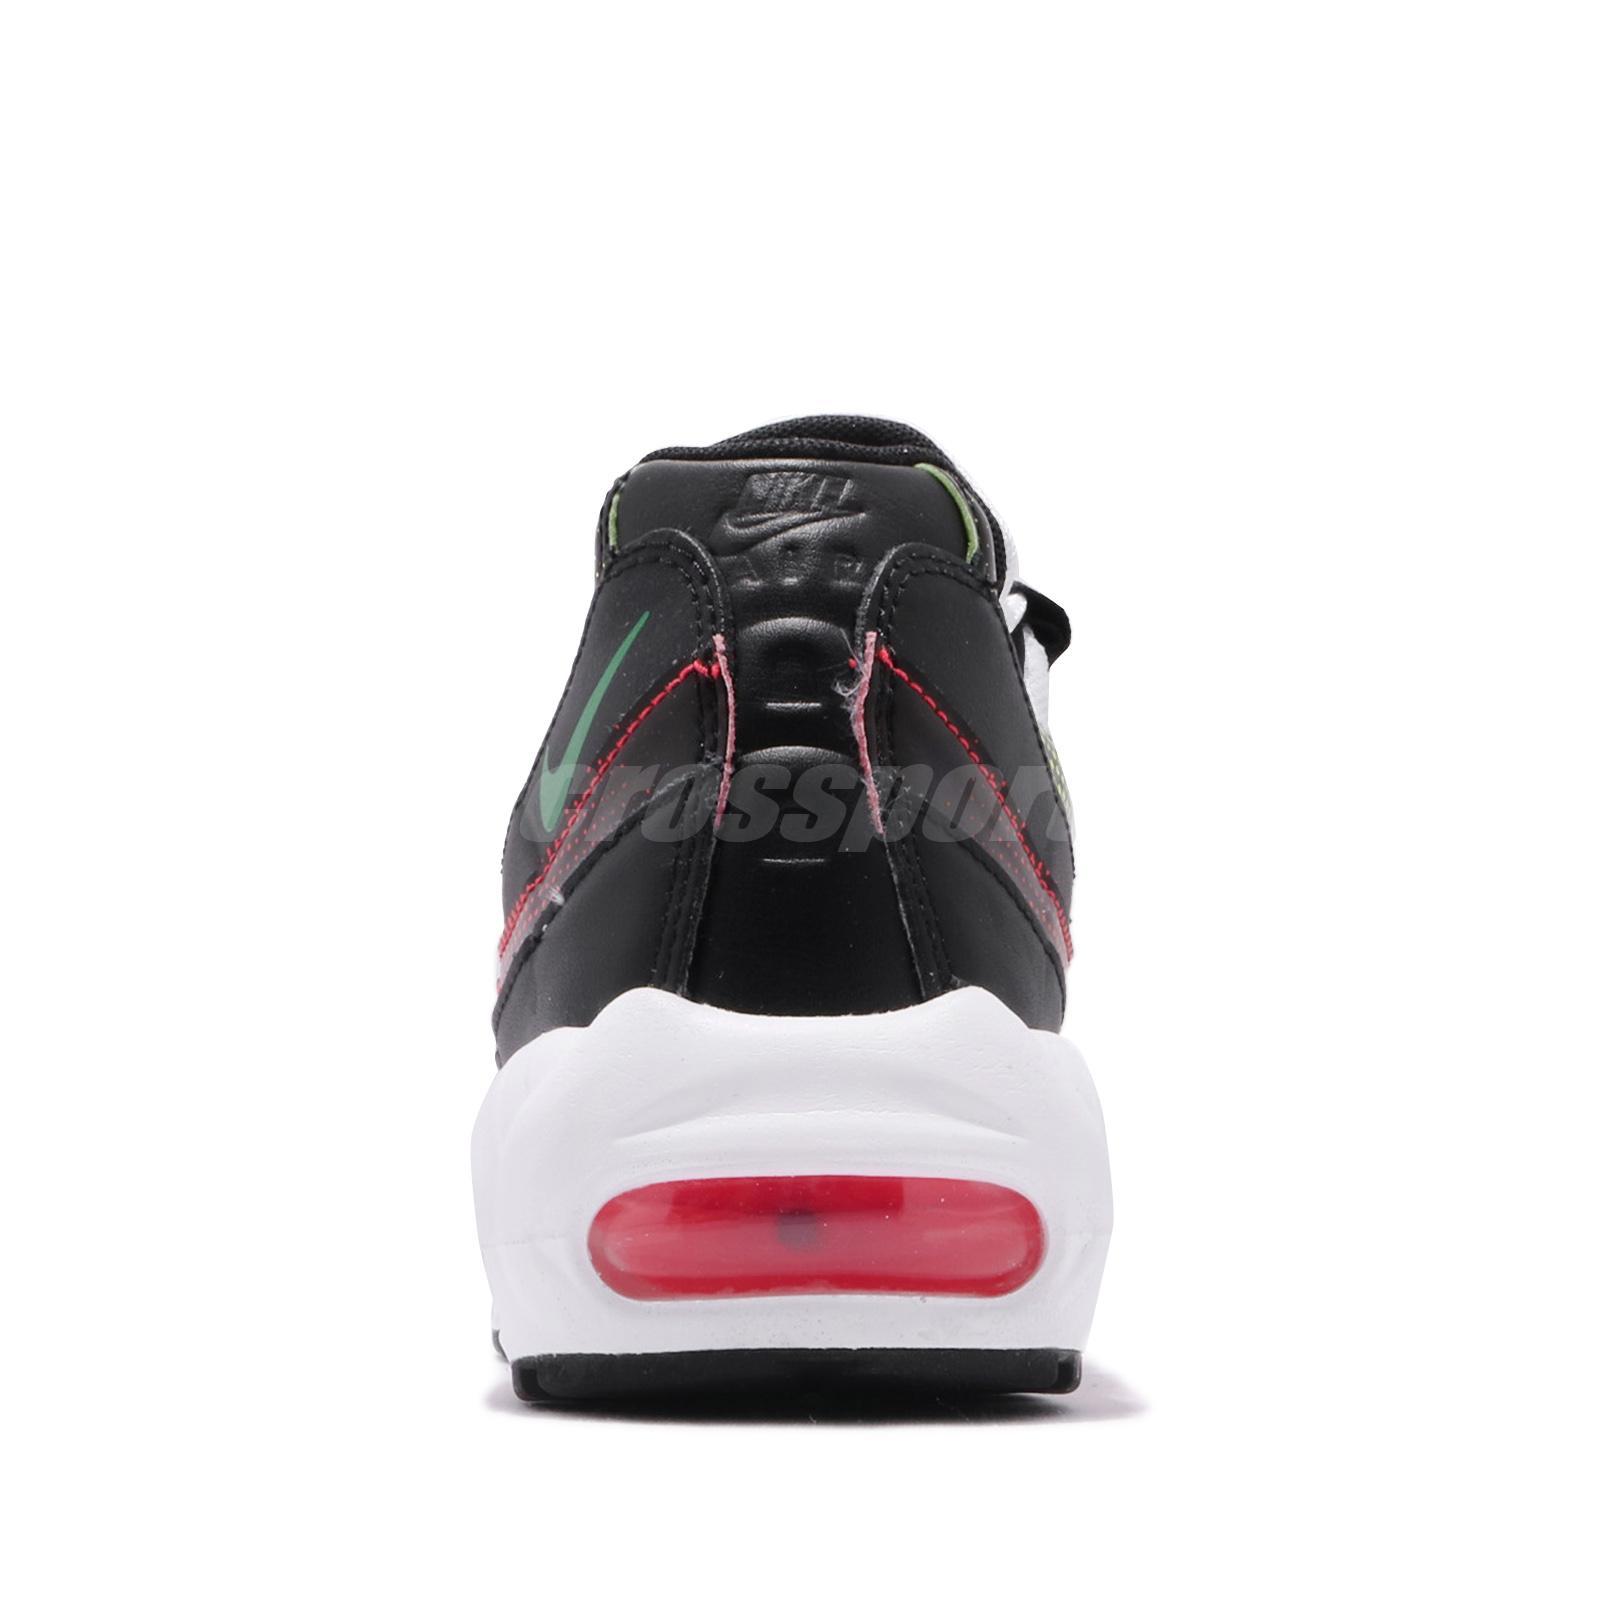 2019 Nike Air Max 95 BlackWhite Volt Solar Red AJ2018 004